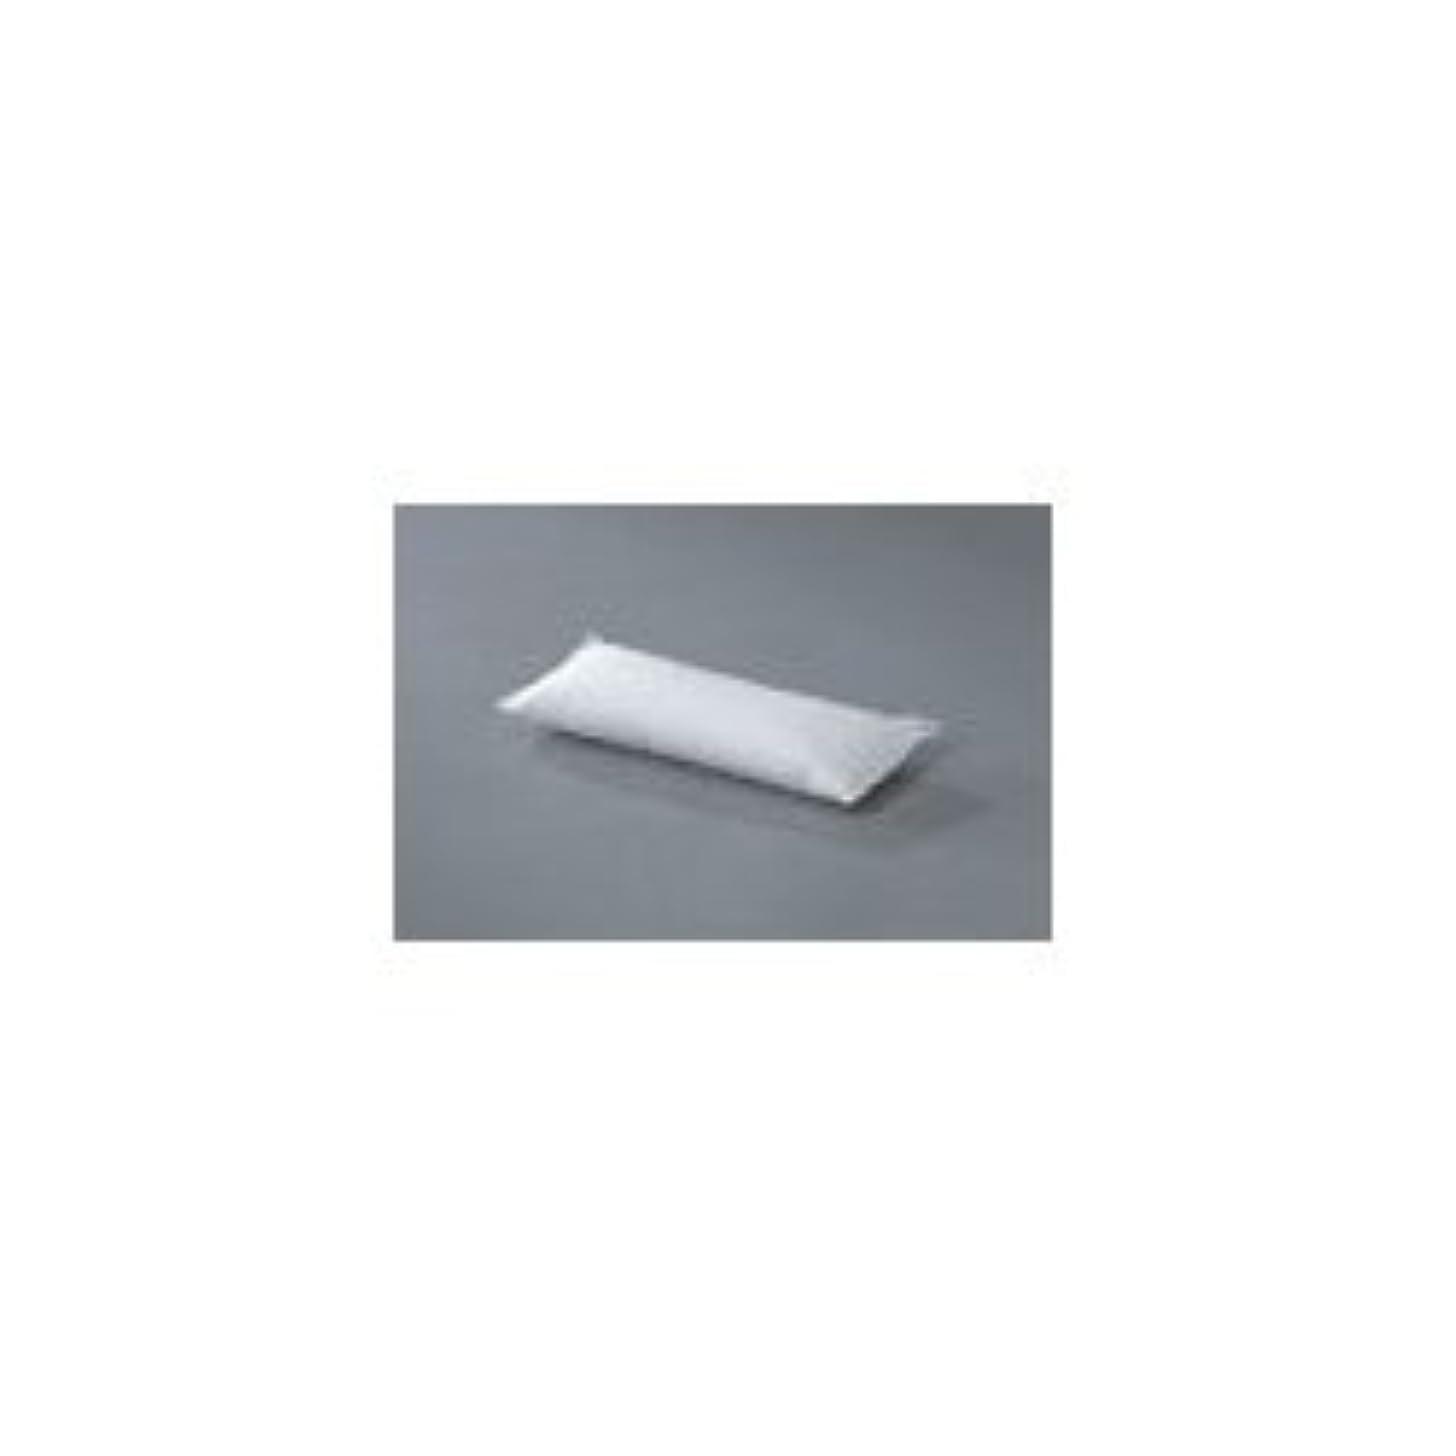 施設アリス手書きジャノメ 24時間風呂 クリーンバスユニット専用電解促進剤 CLパック 7袋 (クリーンパック)